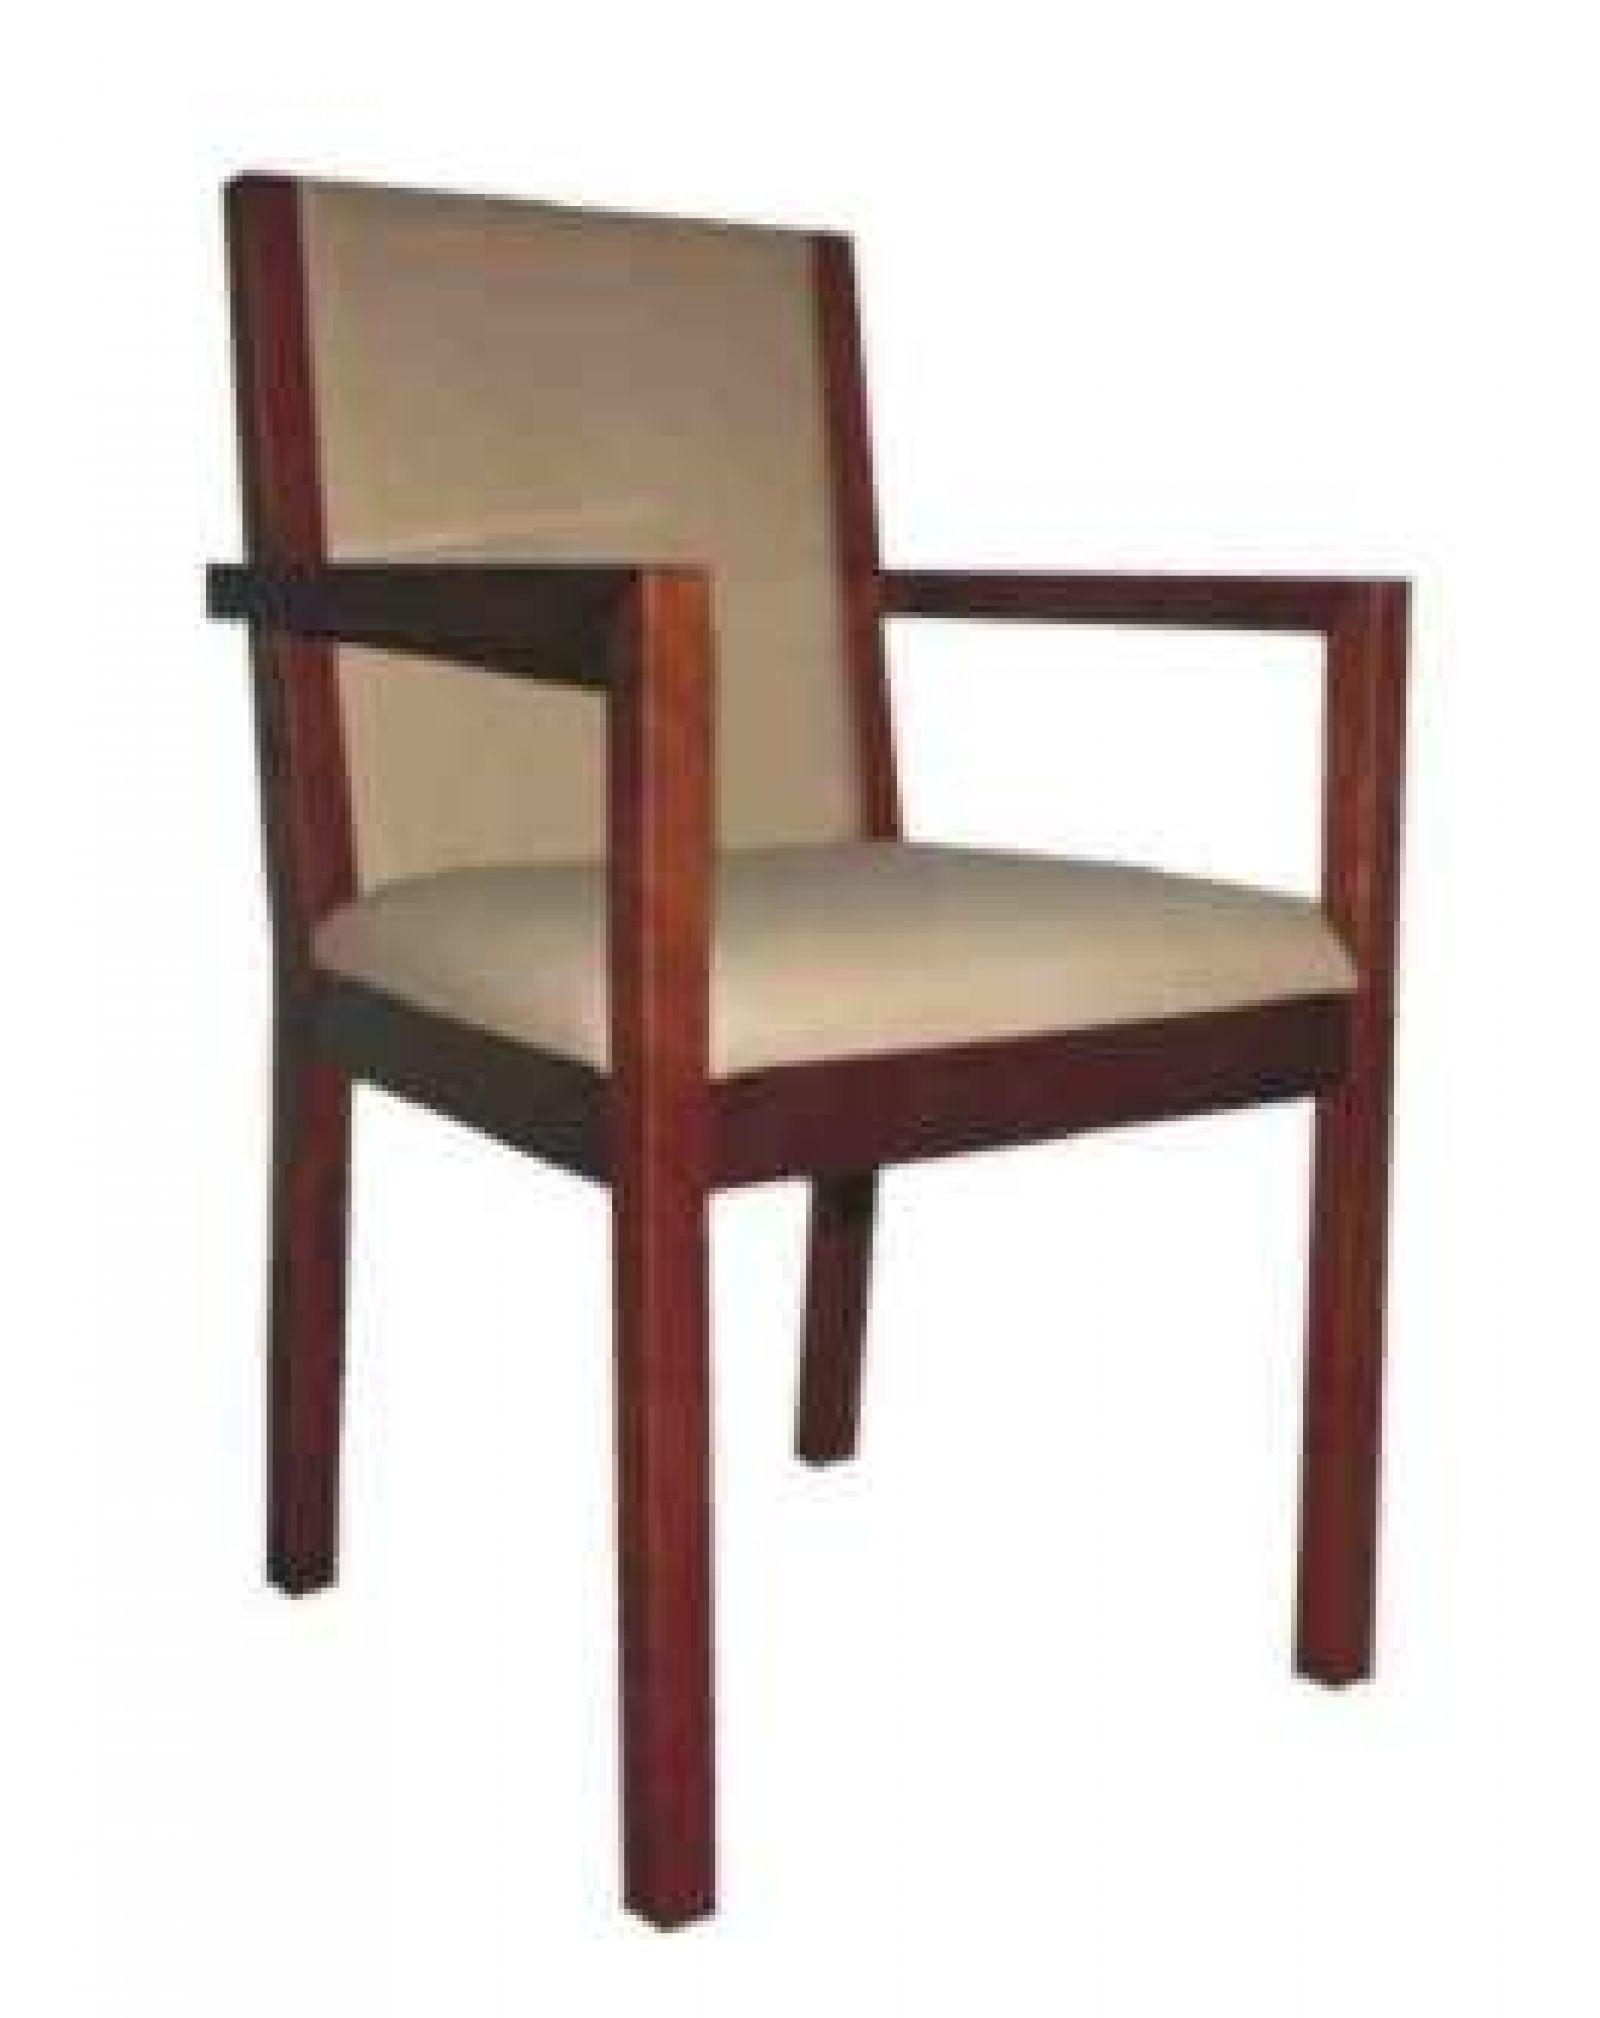 Cadeira Fixa em Madeira com Assento e Costa Estofada